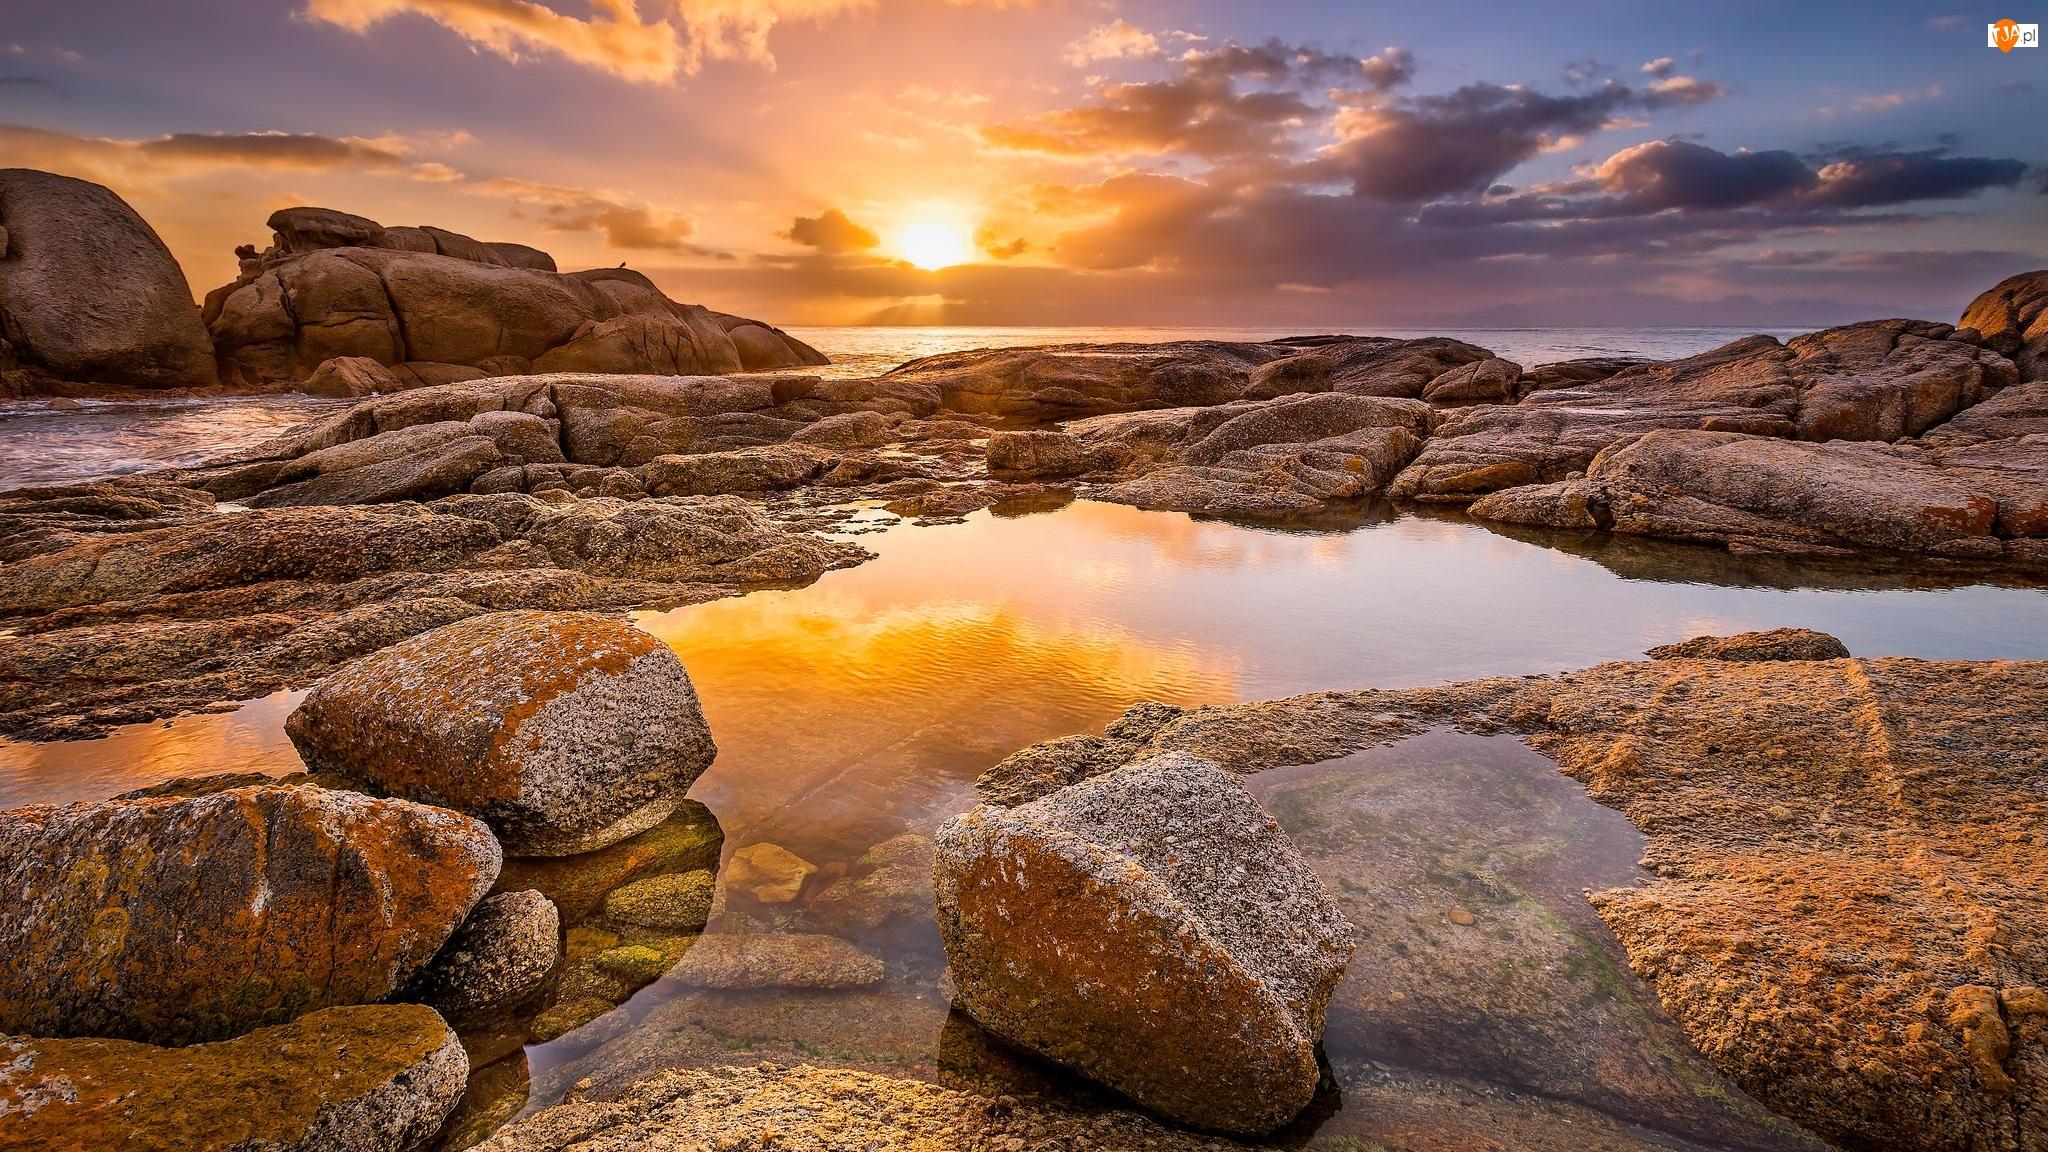 Plaża Boulders Beach, Morze, Republika Południowej Afryki, Kamienie, Półwysep Przylądkowy, Zachód słońca